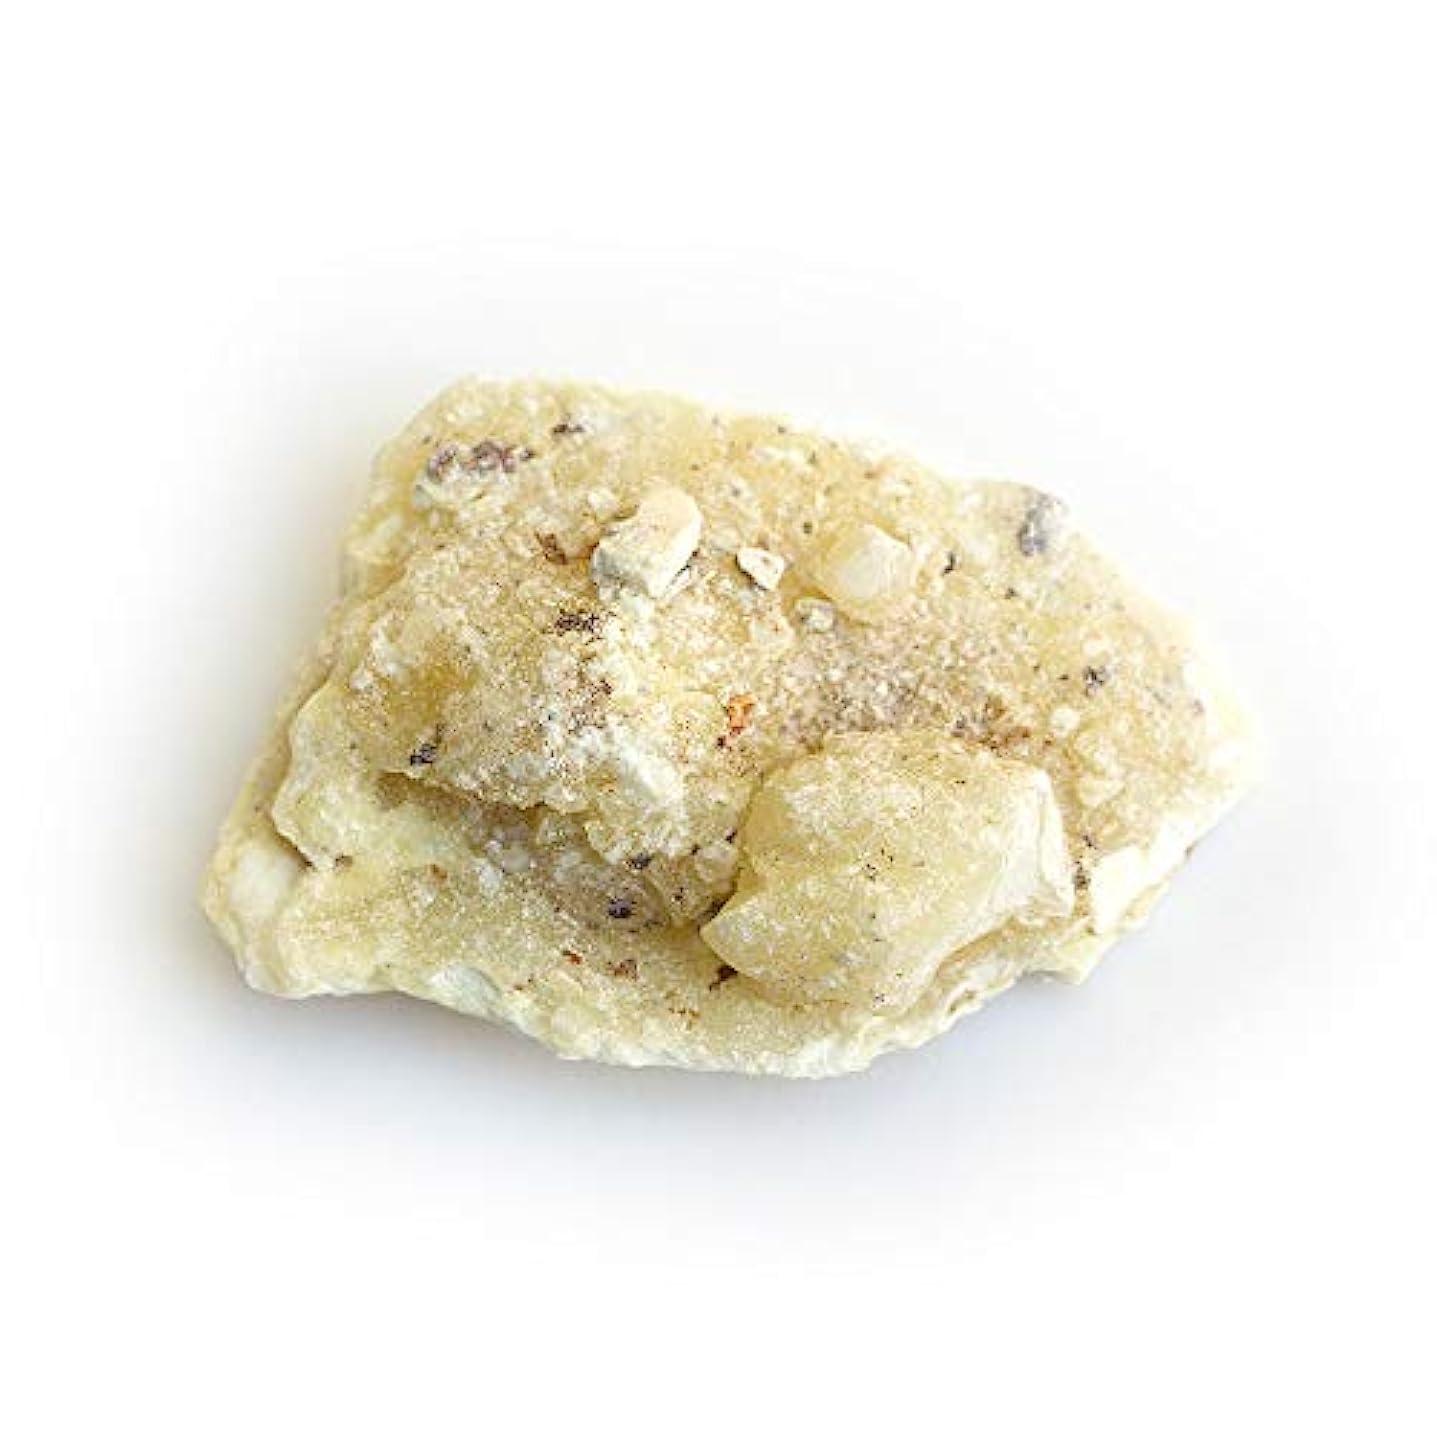 上回る吸い込むドームMynagold 有機ホワイトコーパル 聖なるお香 樹脂 45G (1.5オンス)